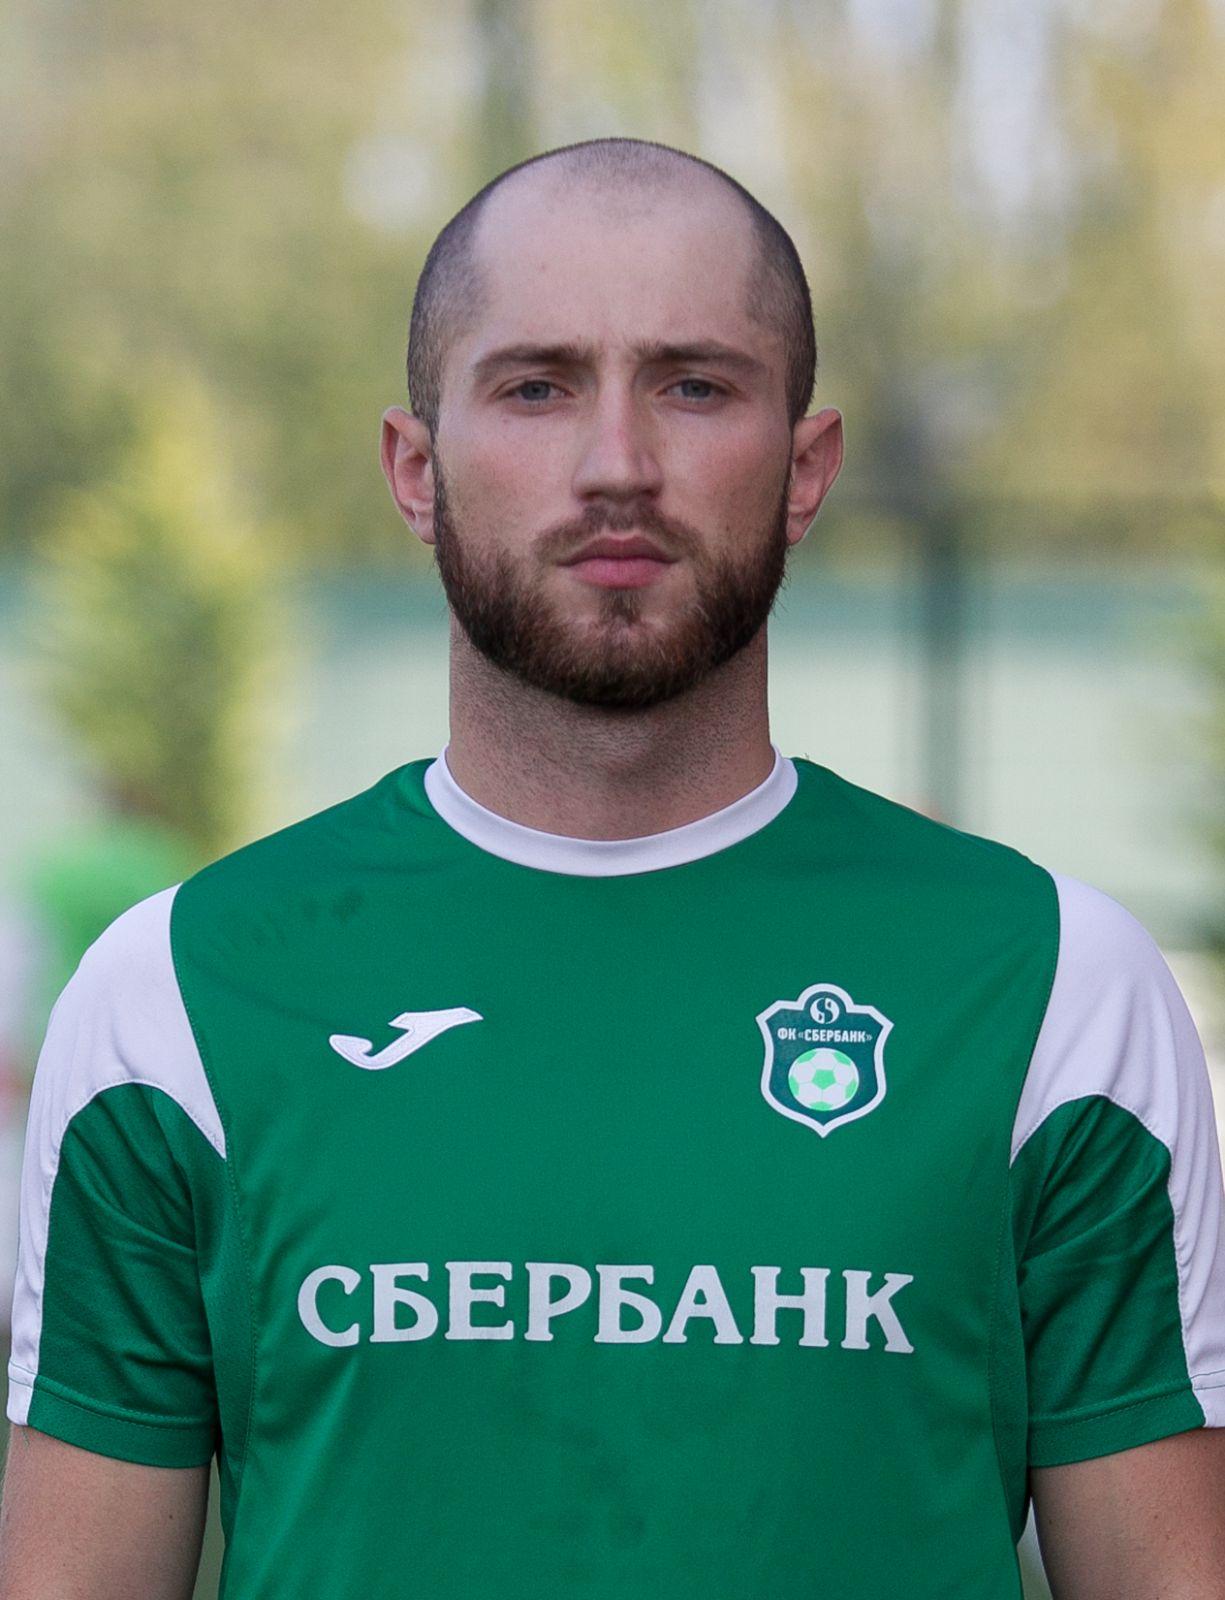 Пасниченко Богдан